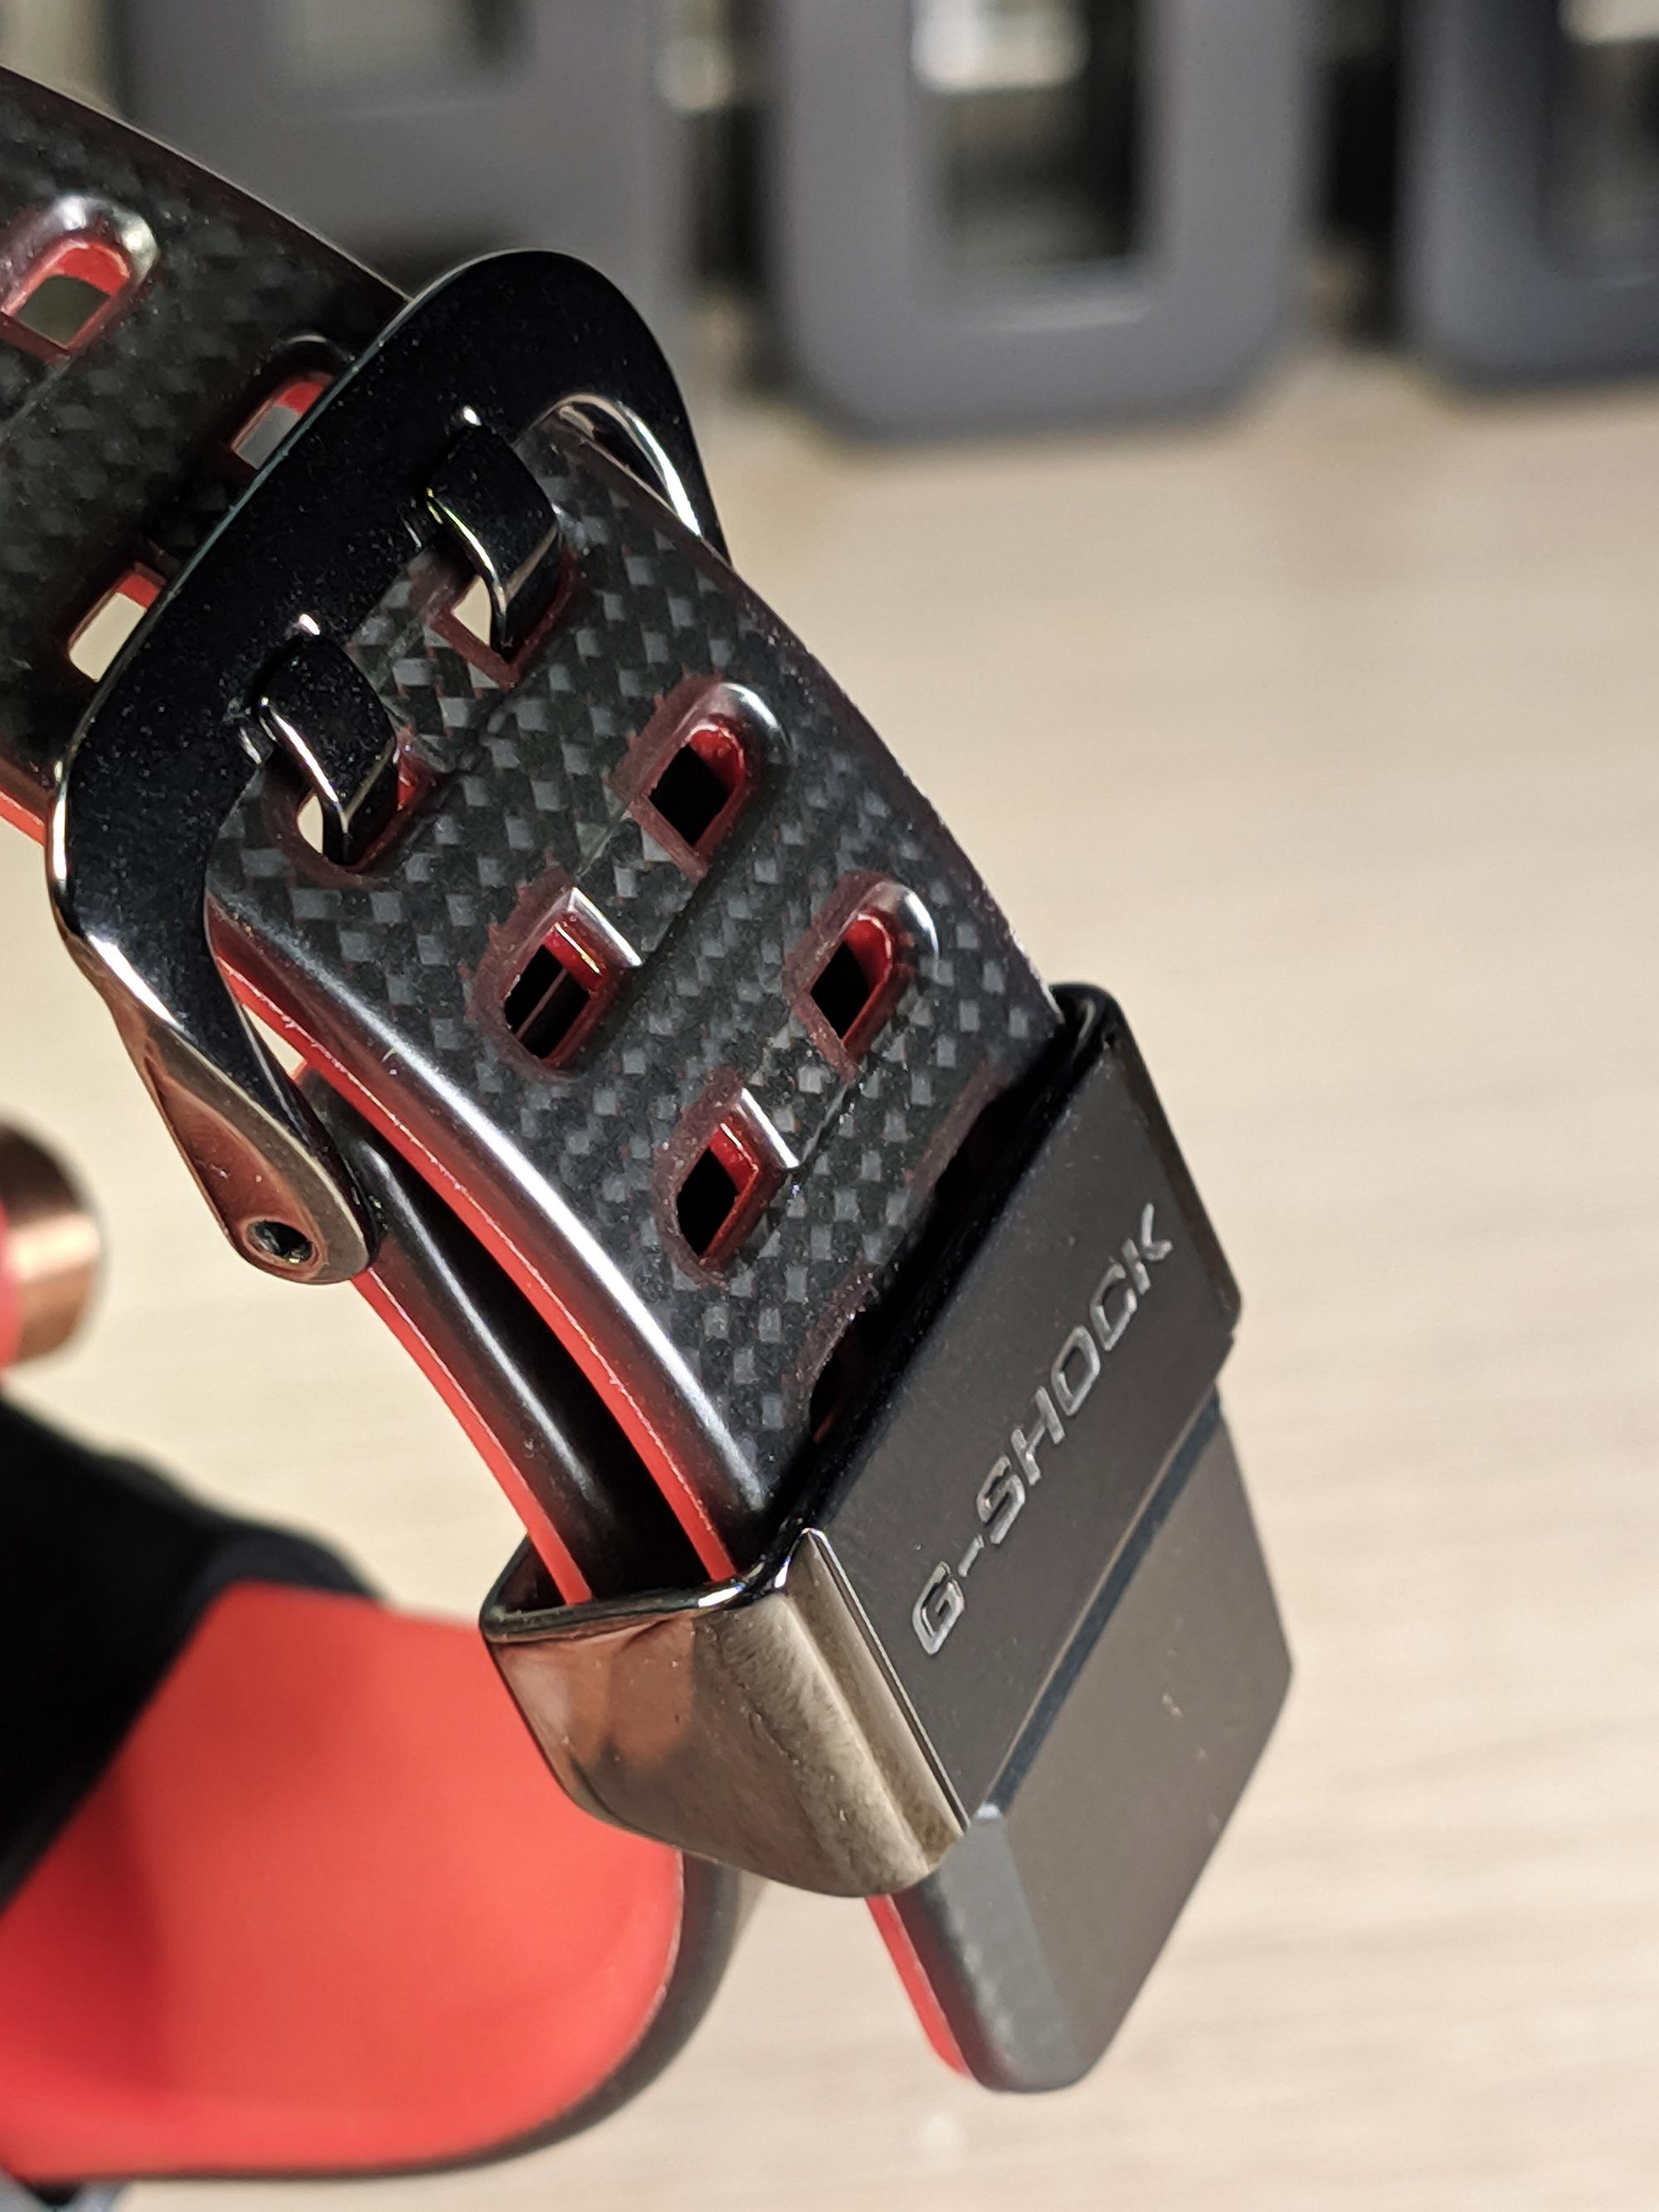 Dual layer carbon fieber szíj, belső oldala vörös, külső oldala szénszálas - dögös.